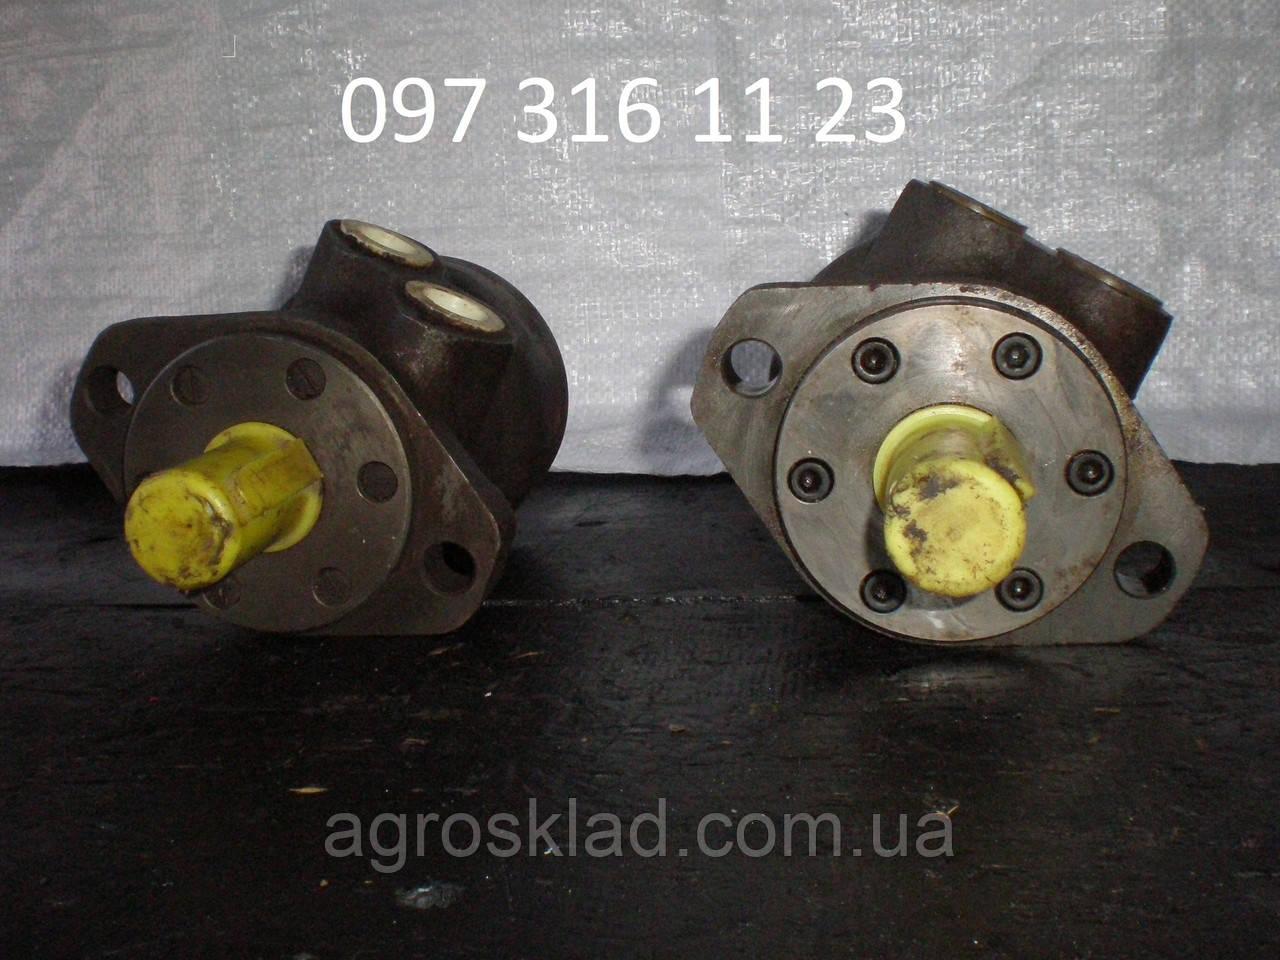 Гидромотор МР- 200